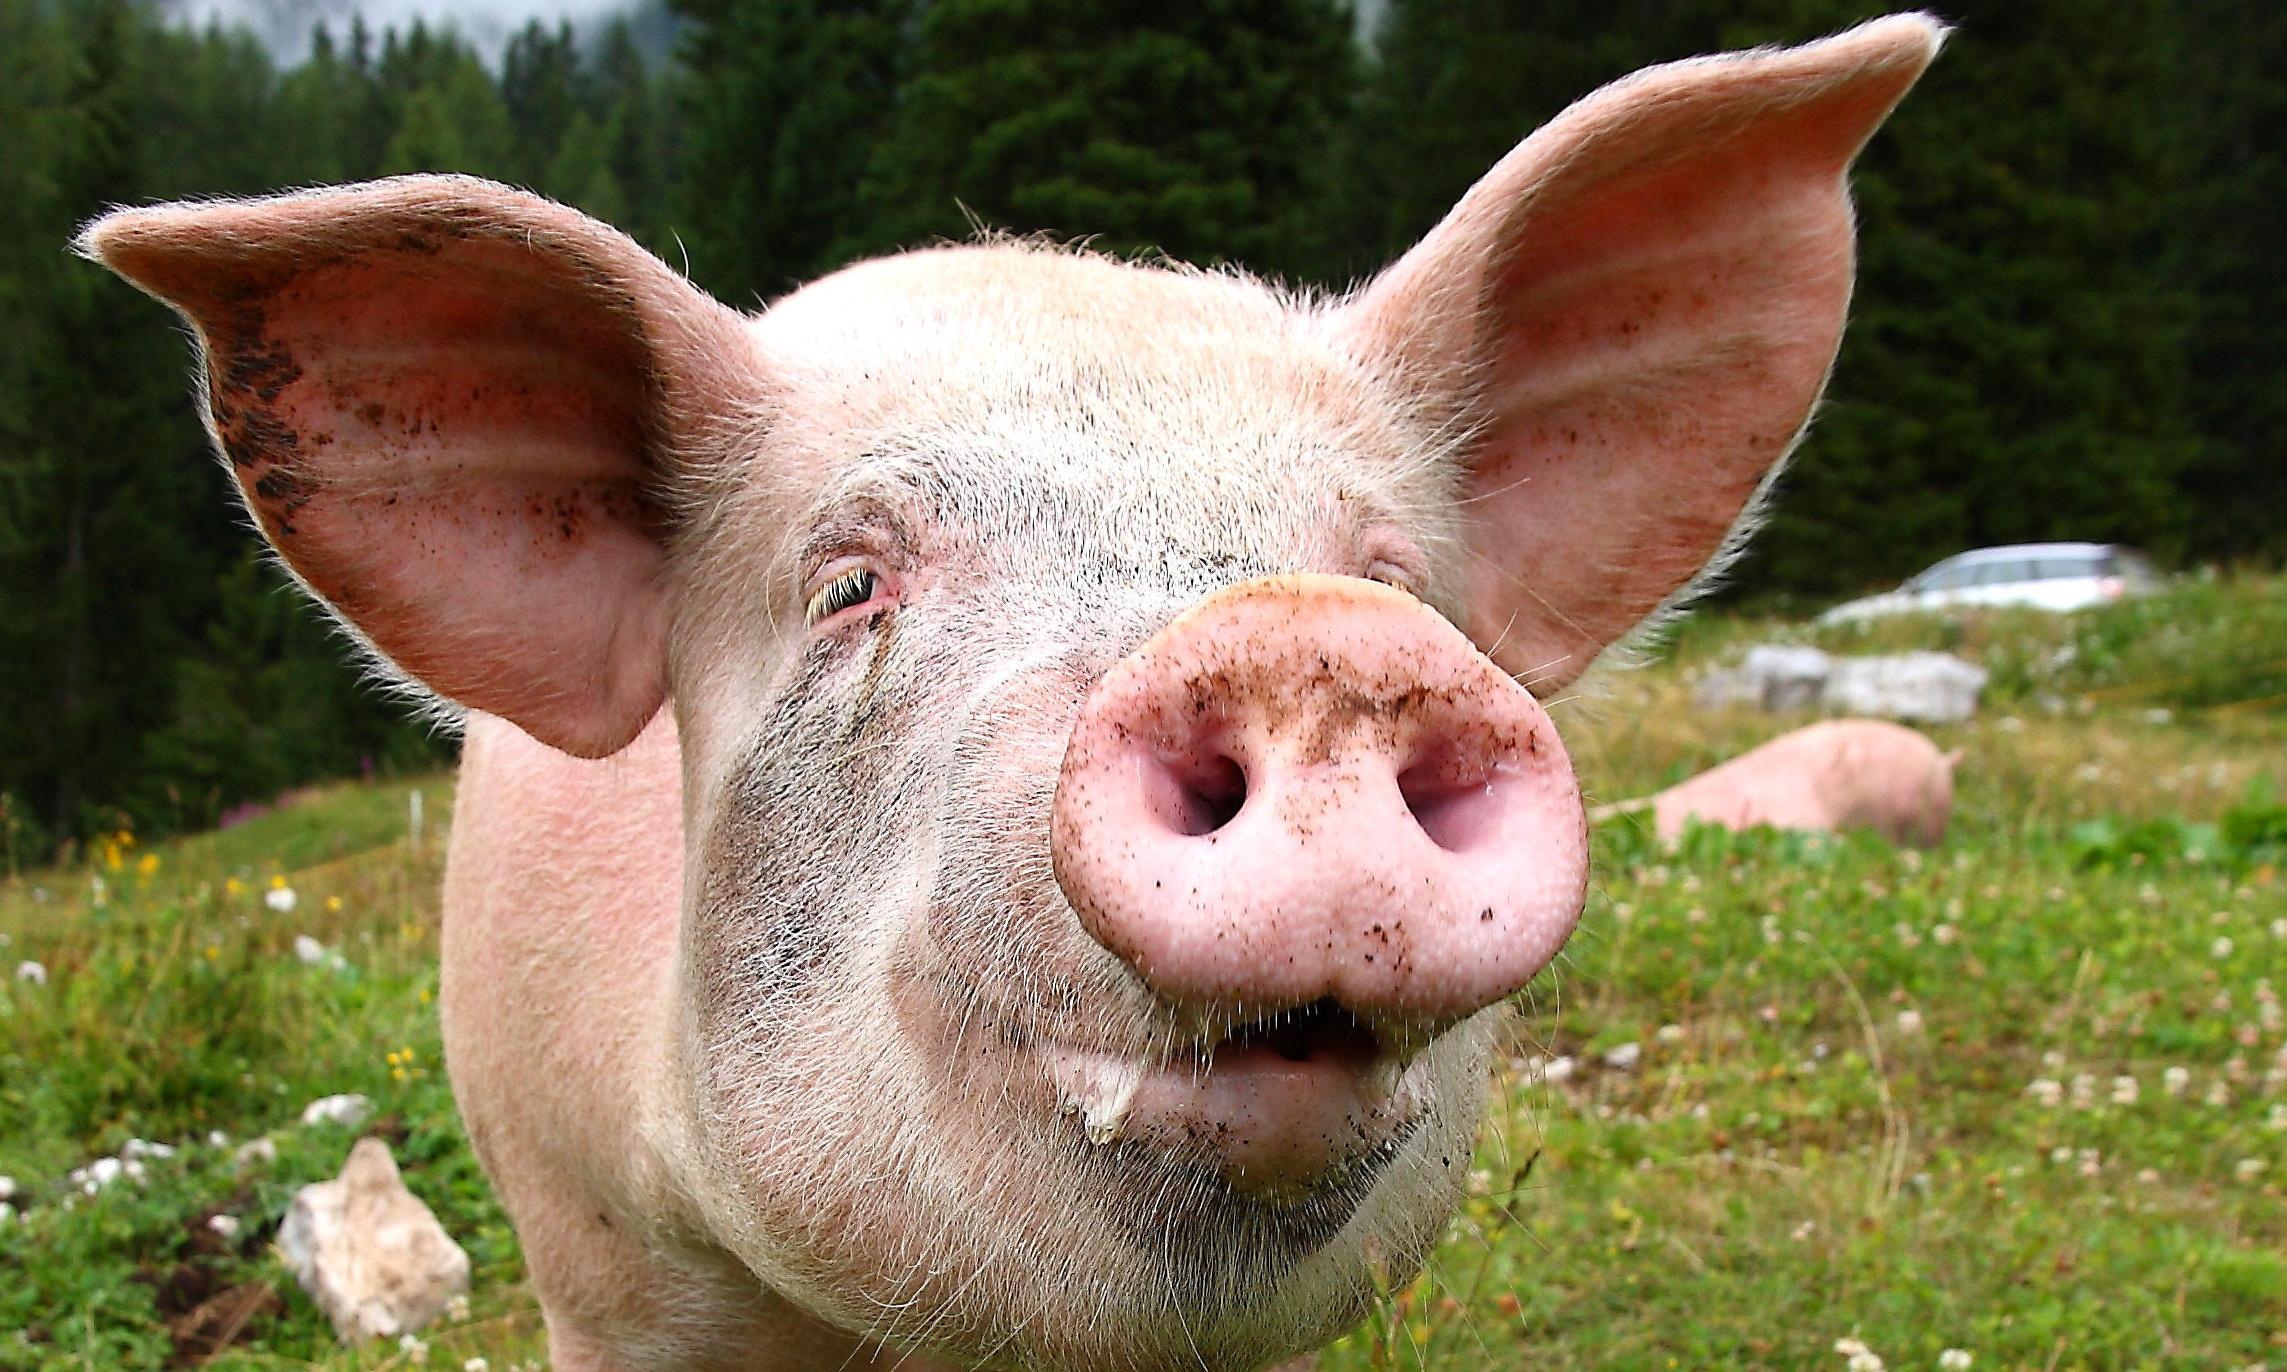 Farmers jailed in Australia for smuggling Danish pig semen in shampoo bottles